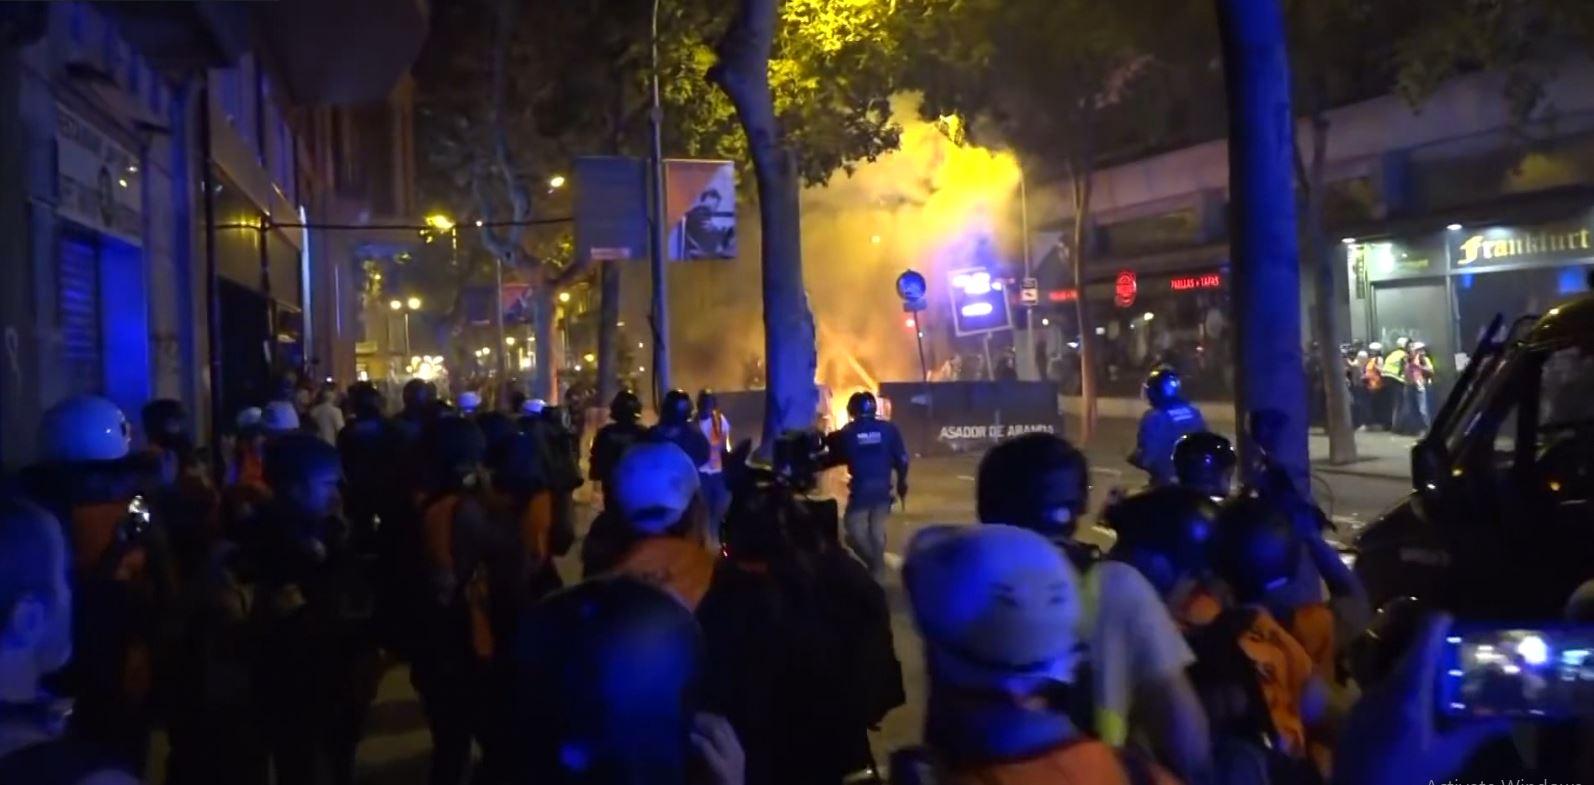 Barcelona nuk gjen qetësi nga protestat, 2.5 milion euro dëme nga demonstratat